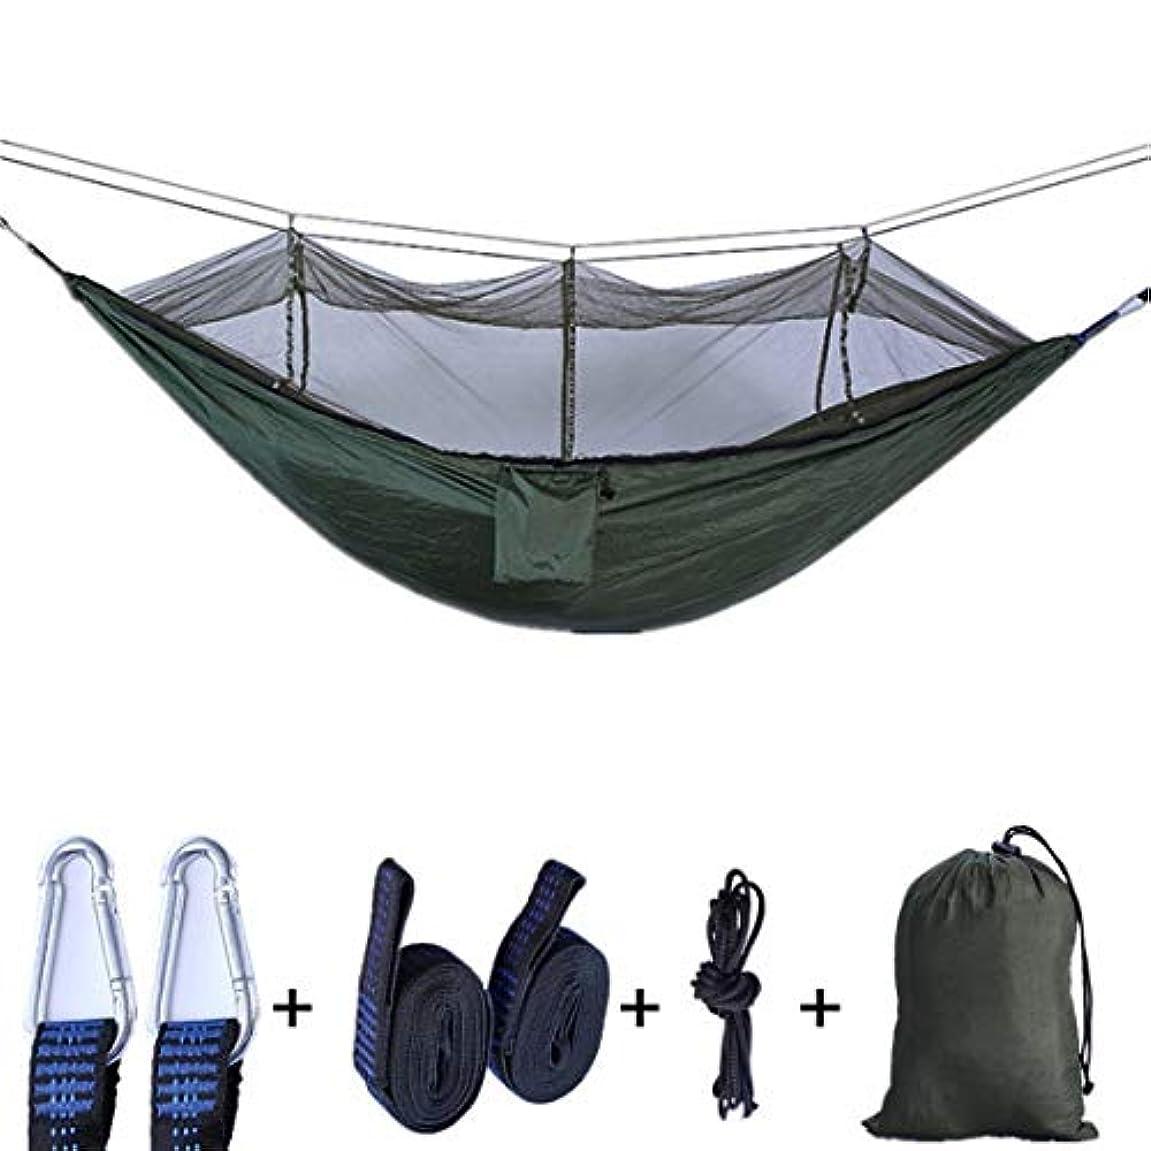 グリル累積ゲートKainuoo 蚊帳パラシュート布ダブルハンモックキャンプ空中テントアーミーグリーンでハンモック